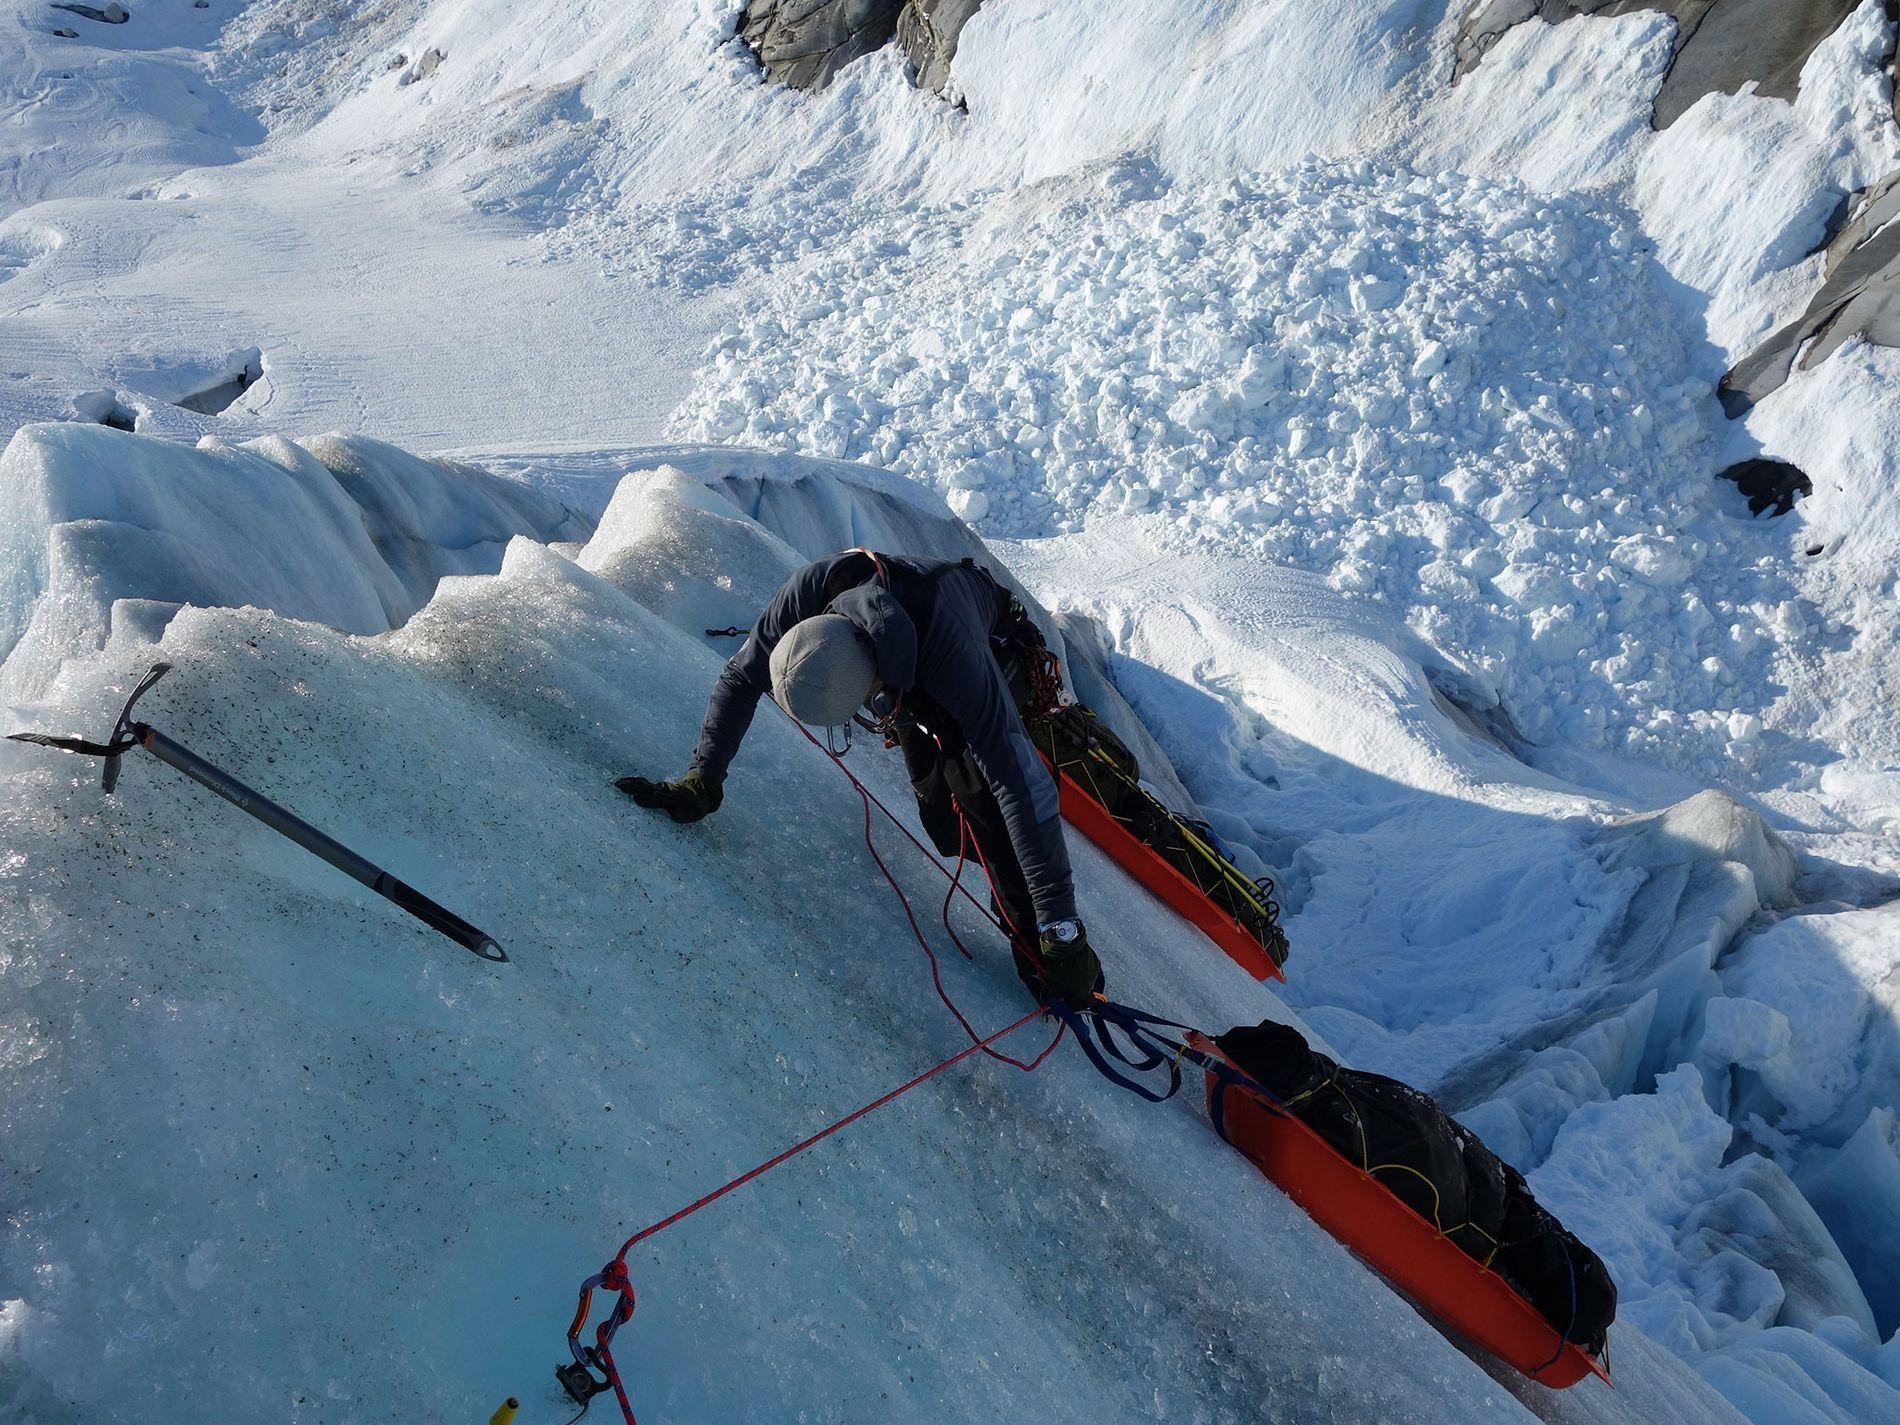 L'explorateur polaire Børge Ousland parcourt actuellement les 20 plus grands glaciers du monde pour documenter les effets du changement climatique. Sur cette photo prise sur le glacier Stikine en Alaska, il lutte pour faire avancer son traîneau.